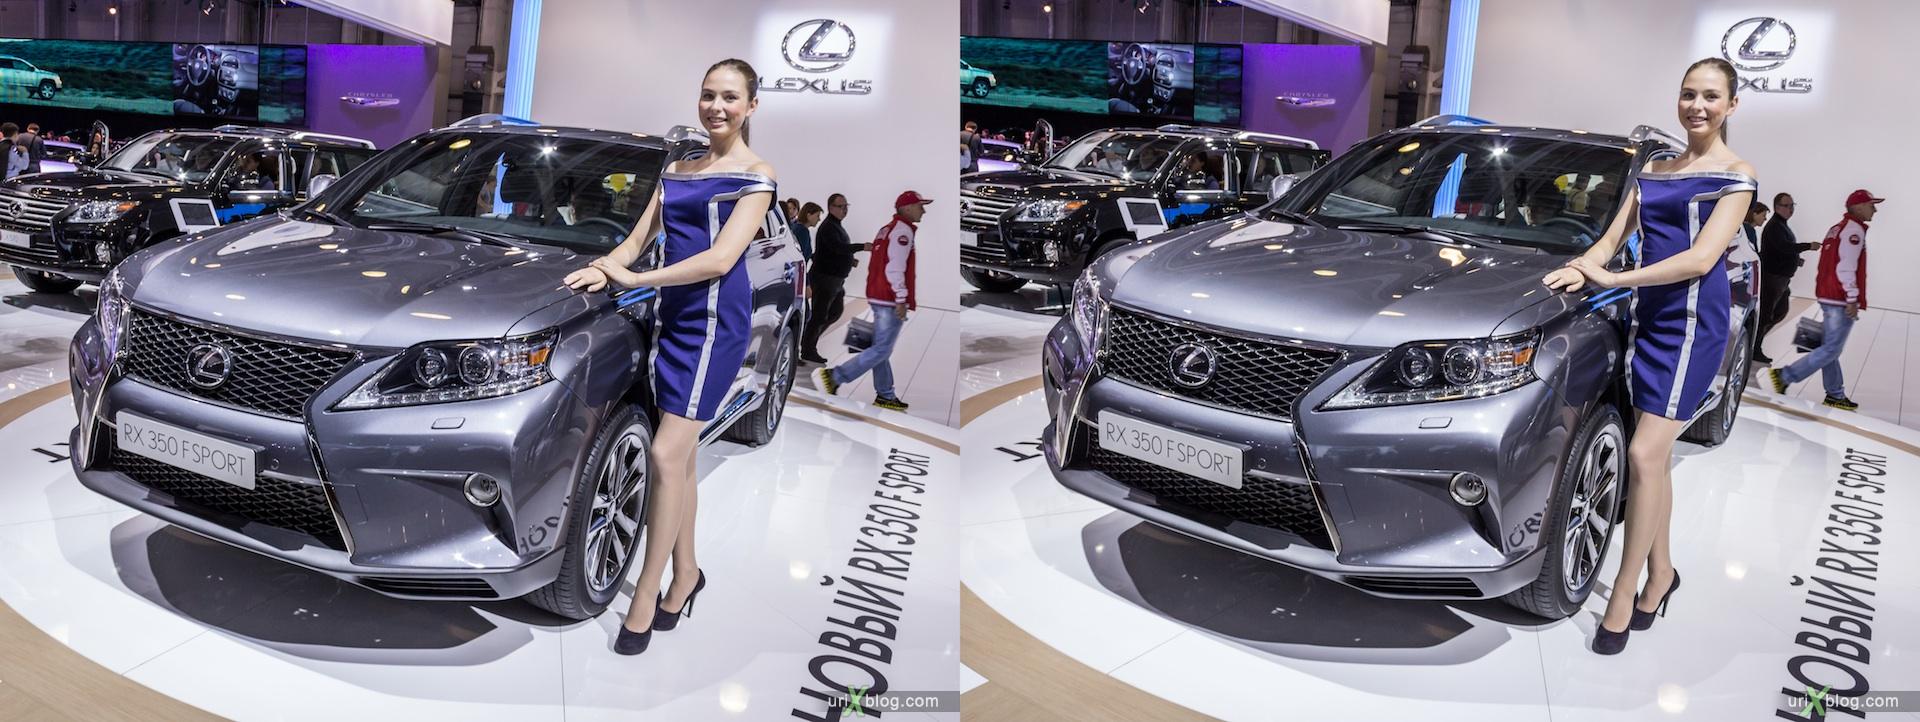 2012, Lexus RX 350 F Sport, девушка, модель, girl, model, Московский международный автомобильный салон, ММАС, Крокус Экспо, 3D, стерео, стереопара